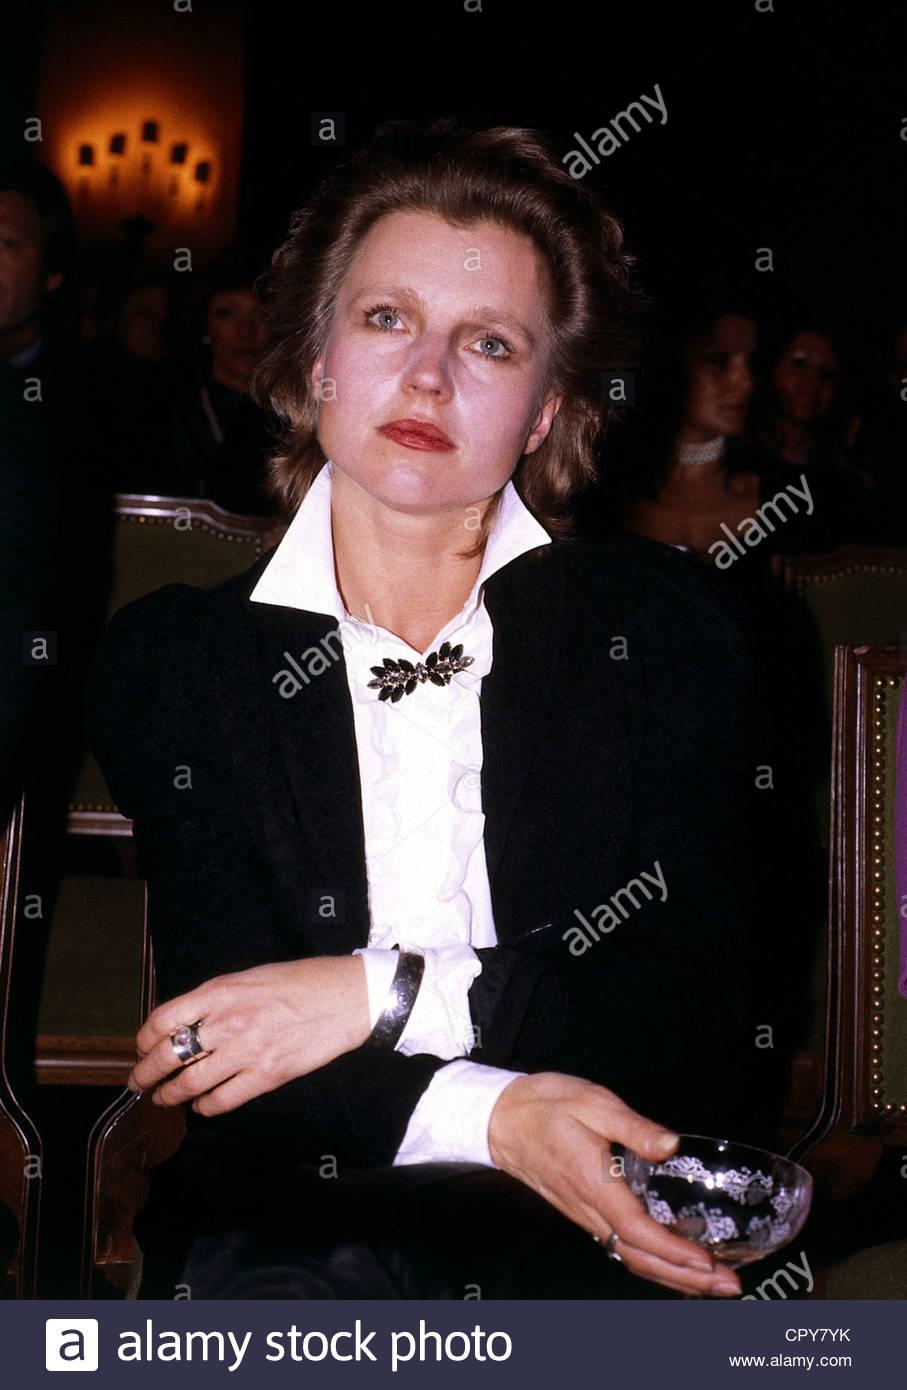 Schygulla, Hanna, * 25.12.1943, attrice tedesca e mezza lunghezza, degli anni ottanta, il collare, la spilla, triste, Immagini Stock